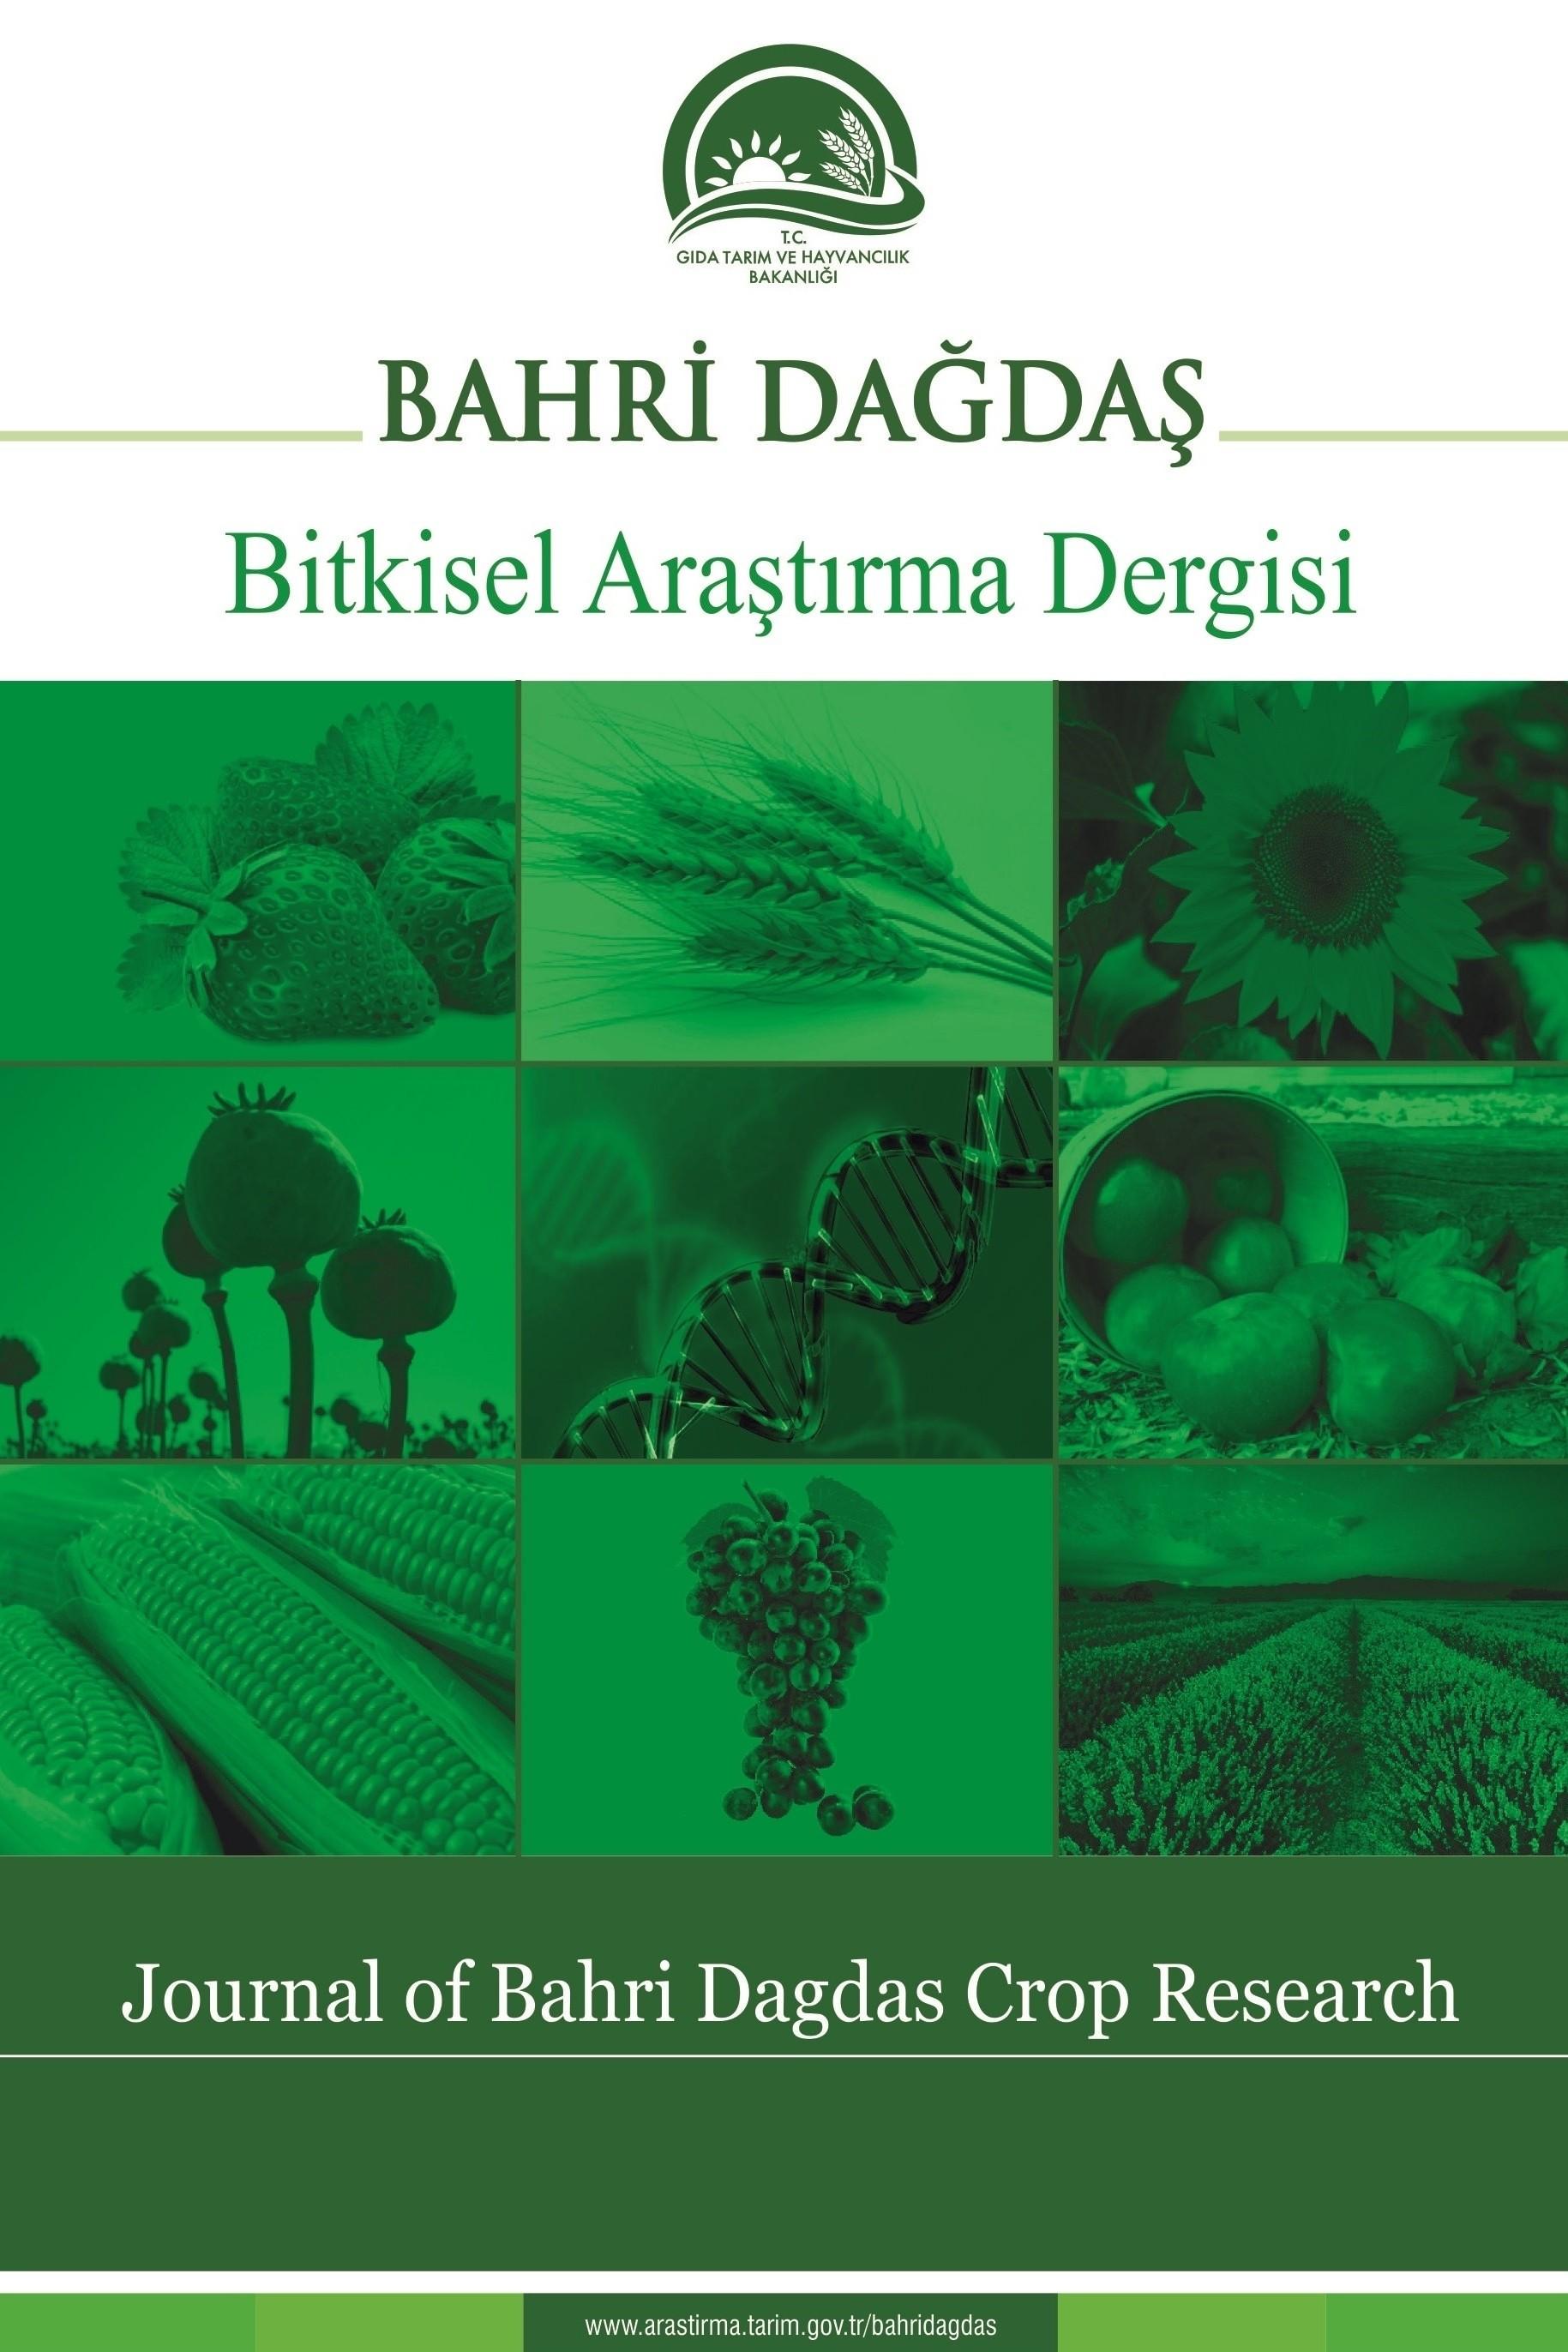 Bahri Dağdaş Bitkisel Araştırma Dergisi